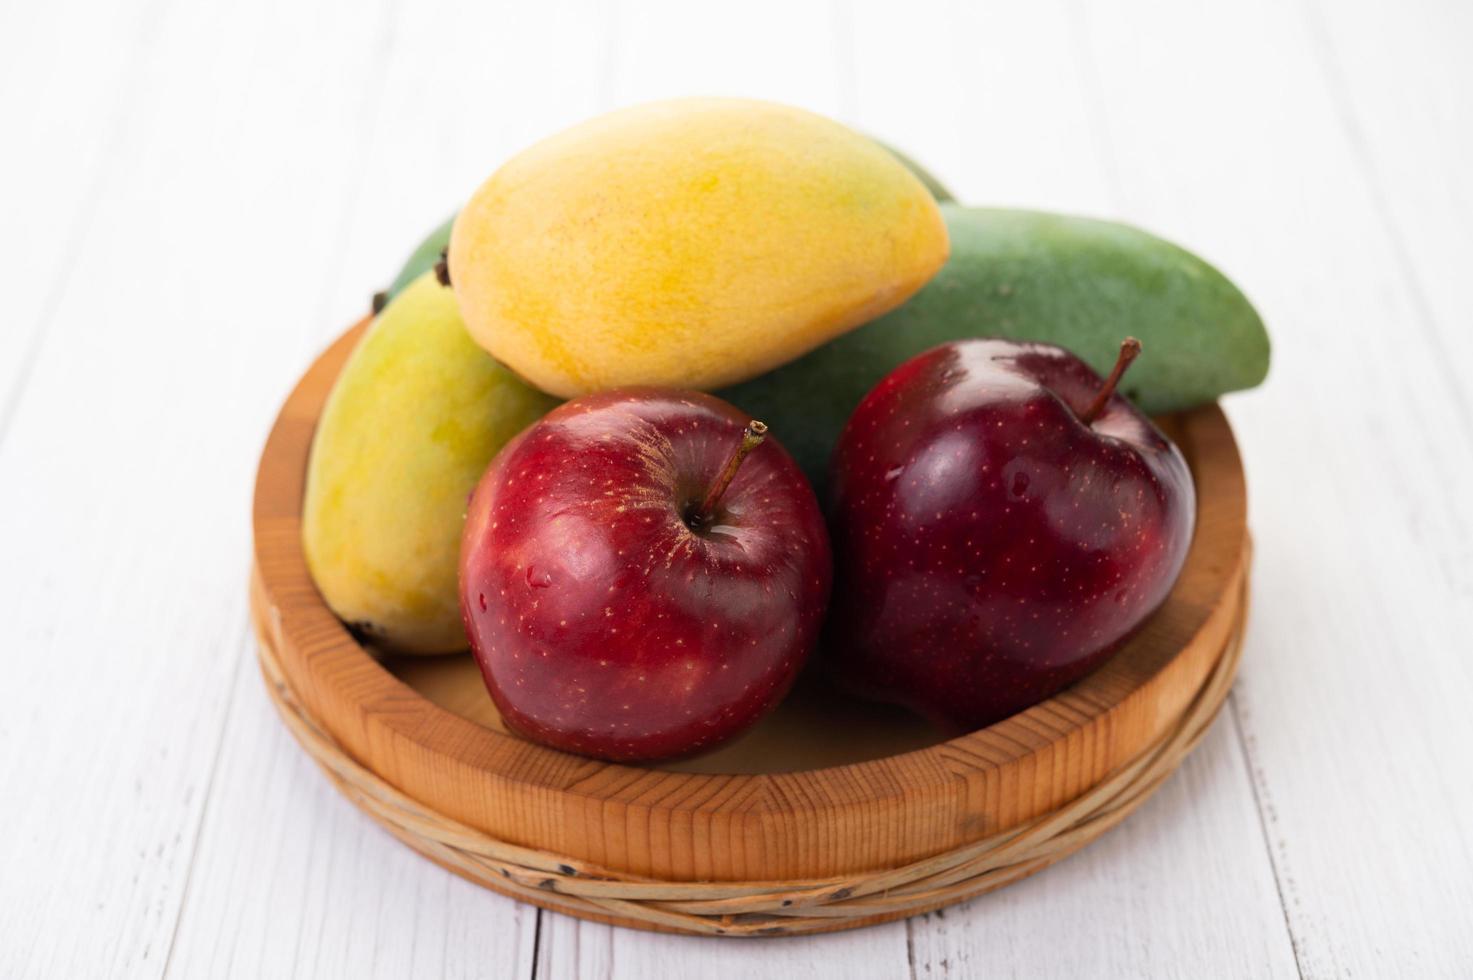 mele e mango in una ciotola di legno foto